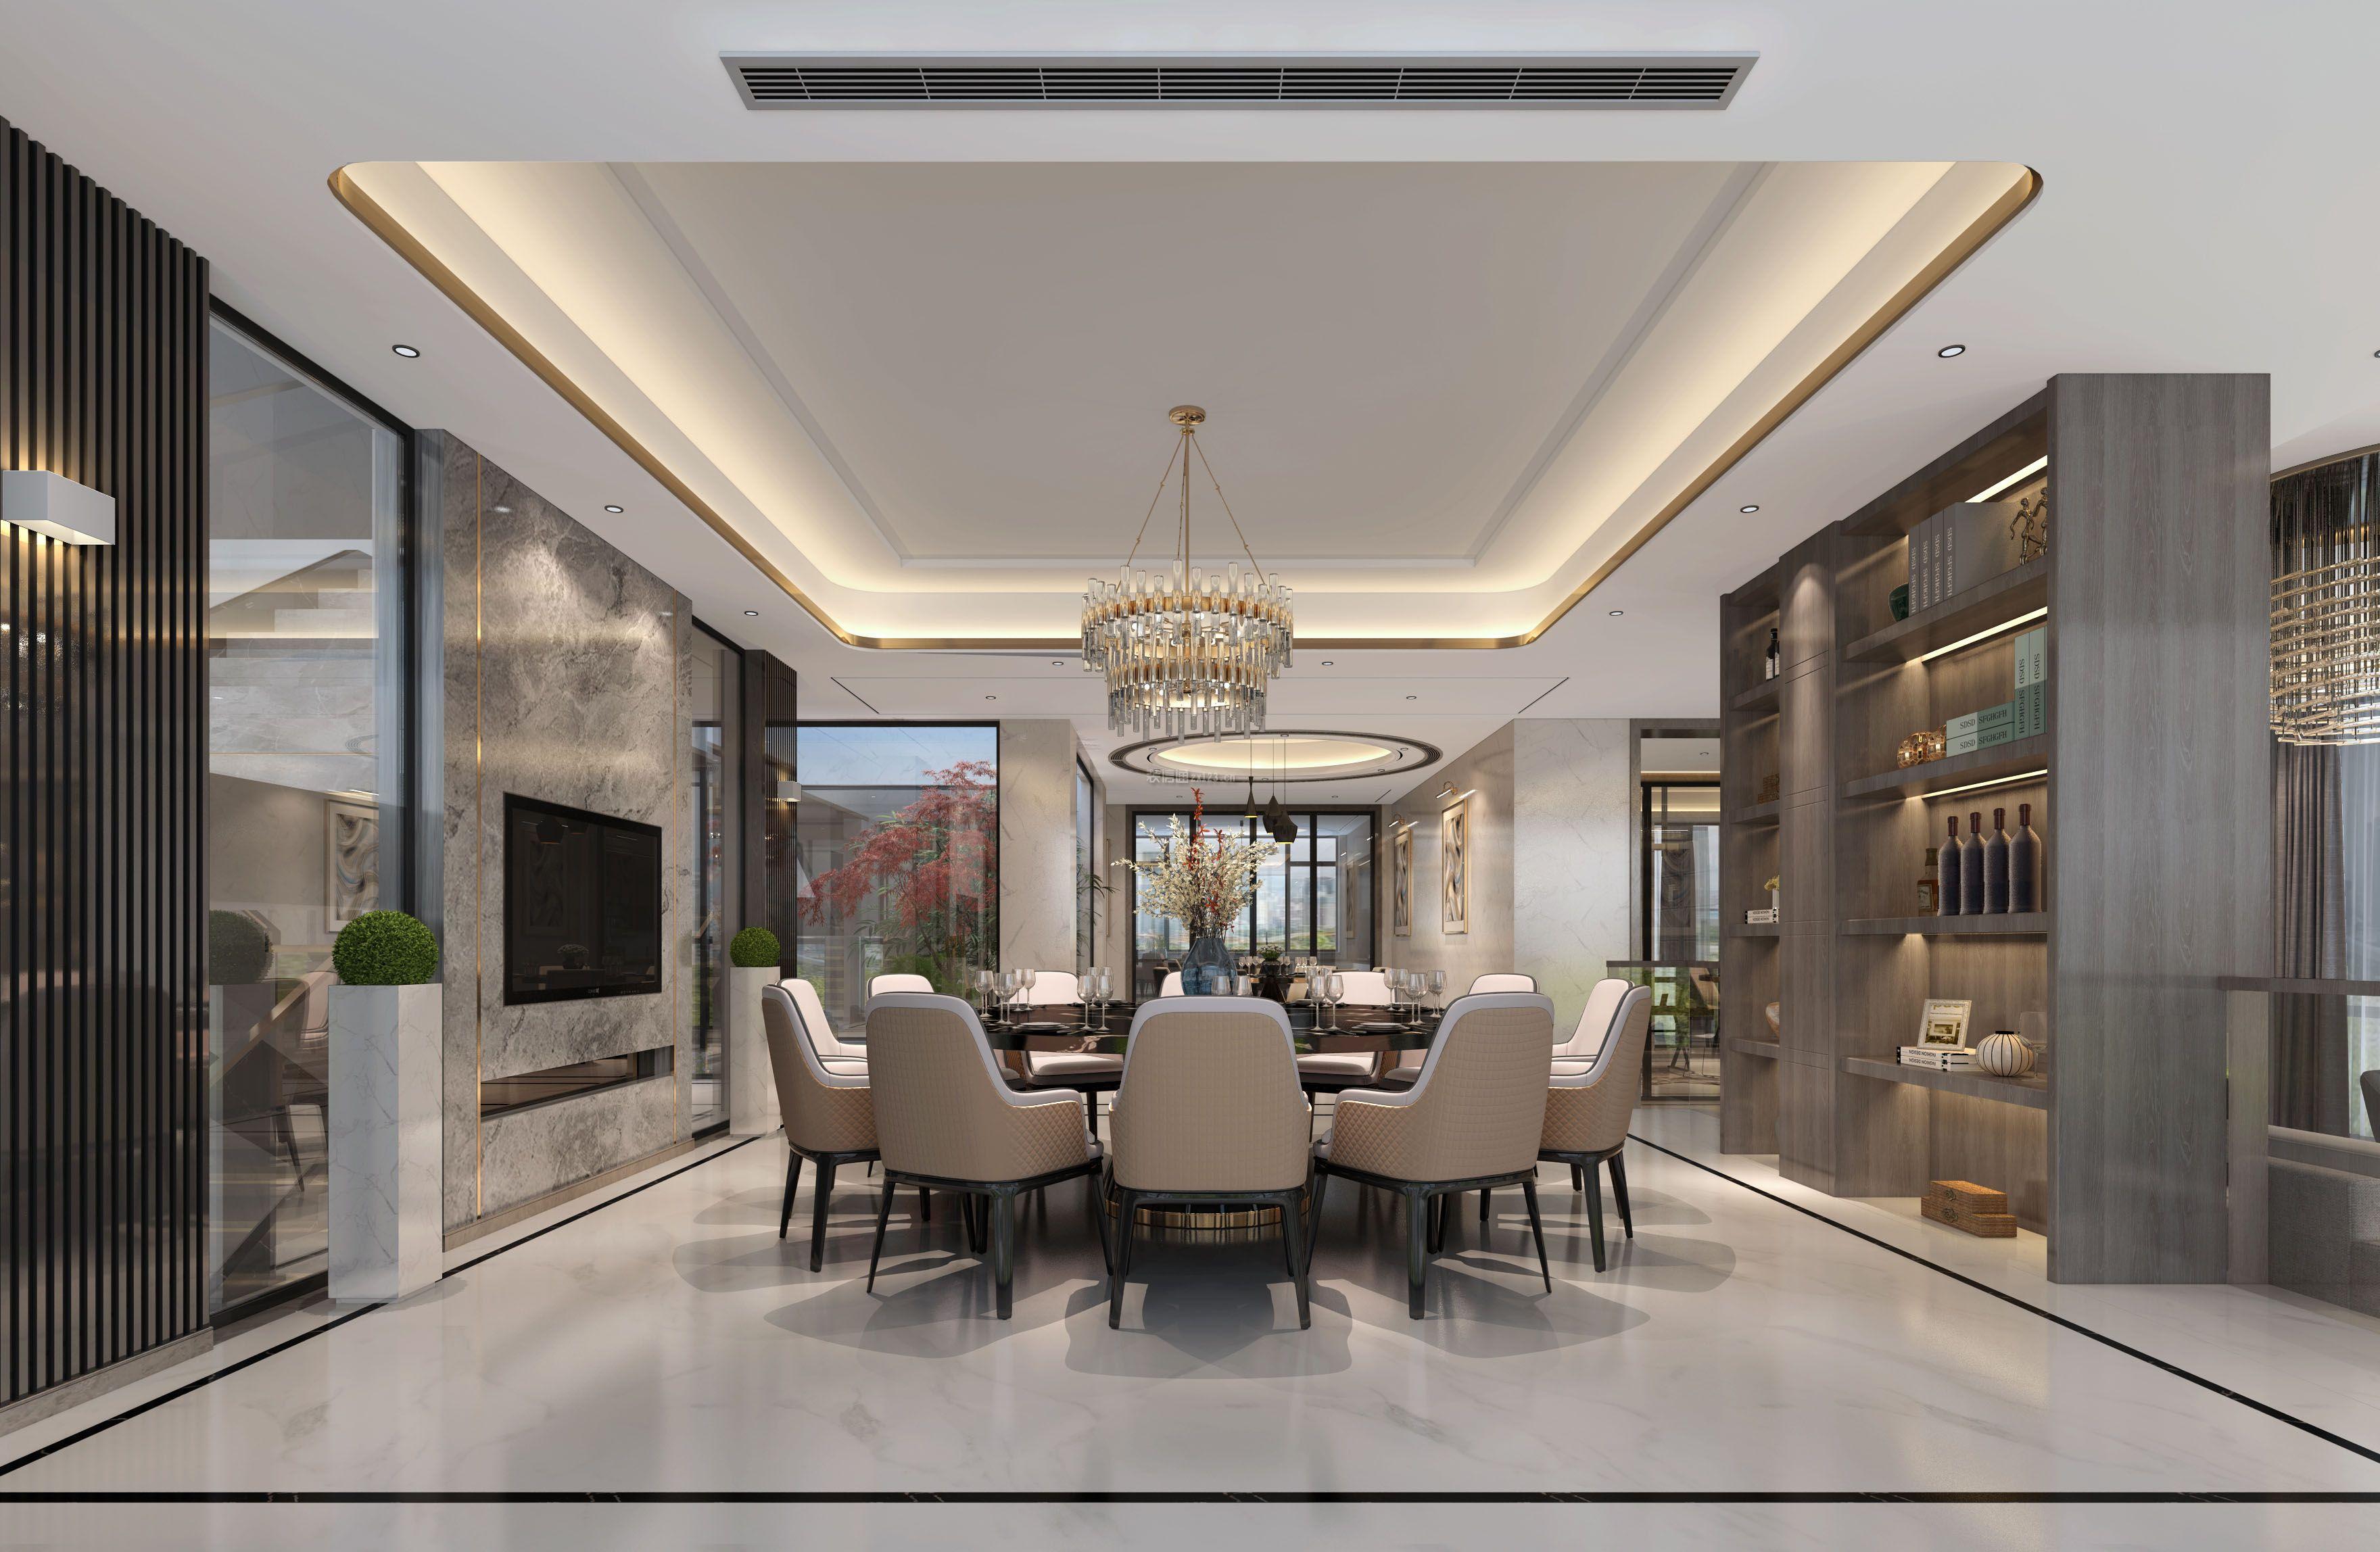 新中式别墅客厅装修效果图,新中式的装修风格中不仅涵盖了古典风格的